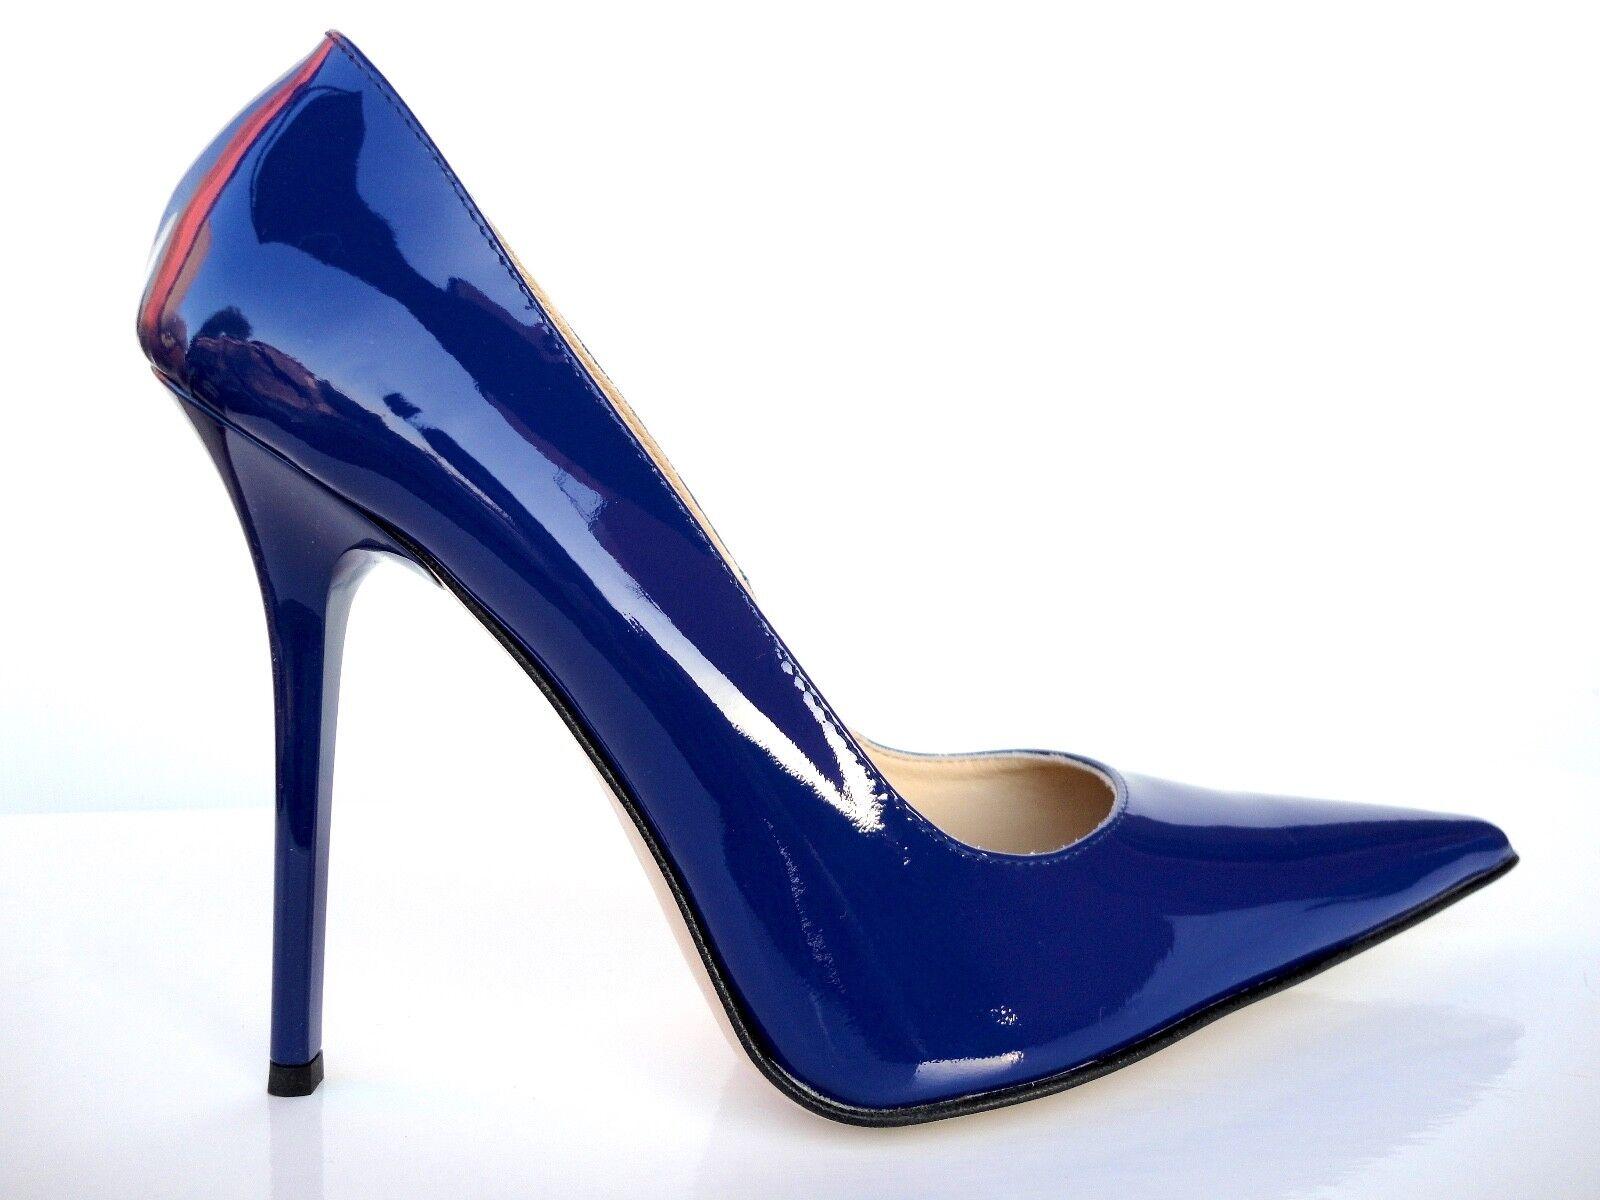 GIOHEL ITALIA ALTI HEELS POINTY TOE  PUMPS scarpeS LEONA CORTE DI CURA blu 38  prodotti creativi